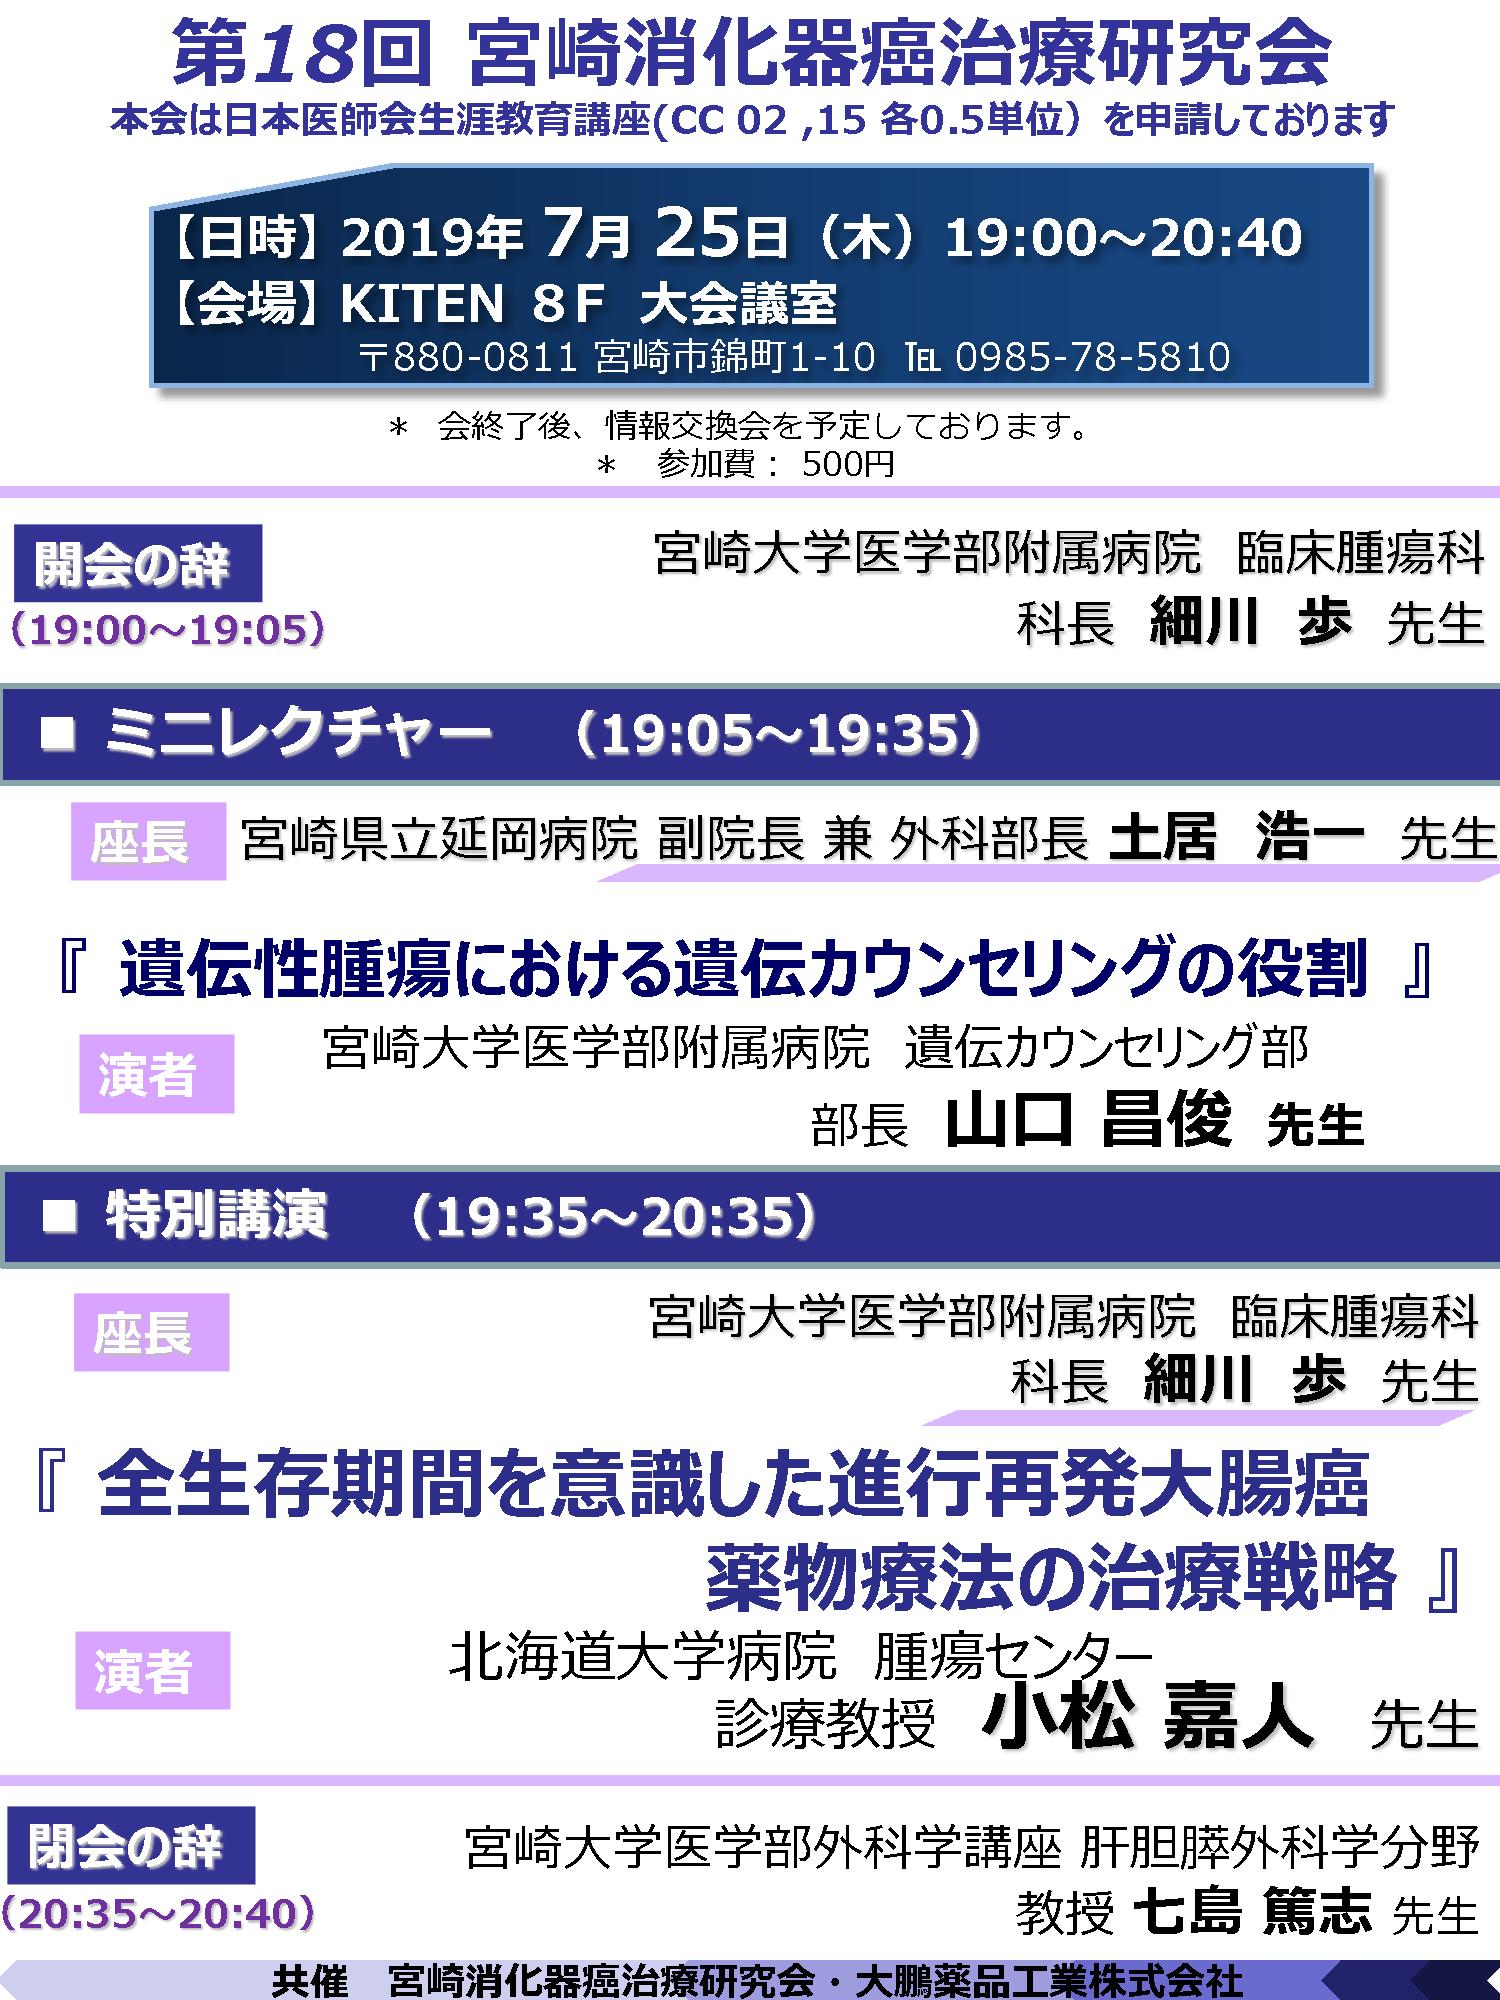 第18回 宮崎消化器癌治療研究会 @ KITEN 8F 大会議室